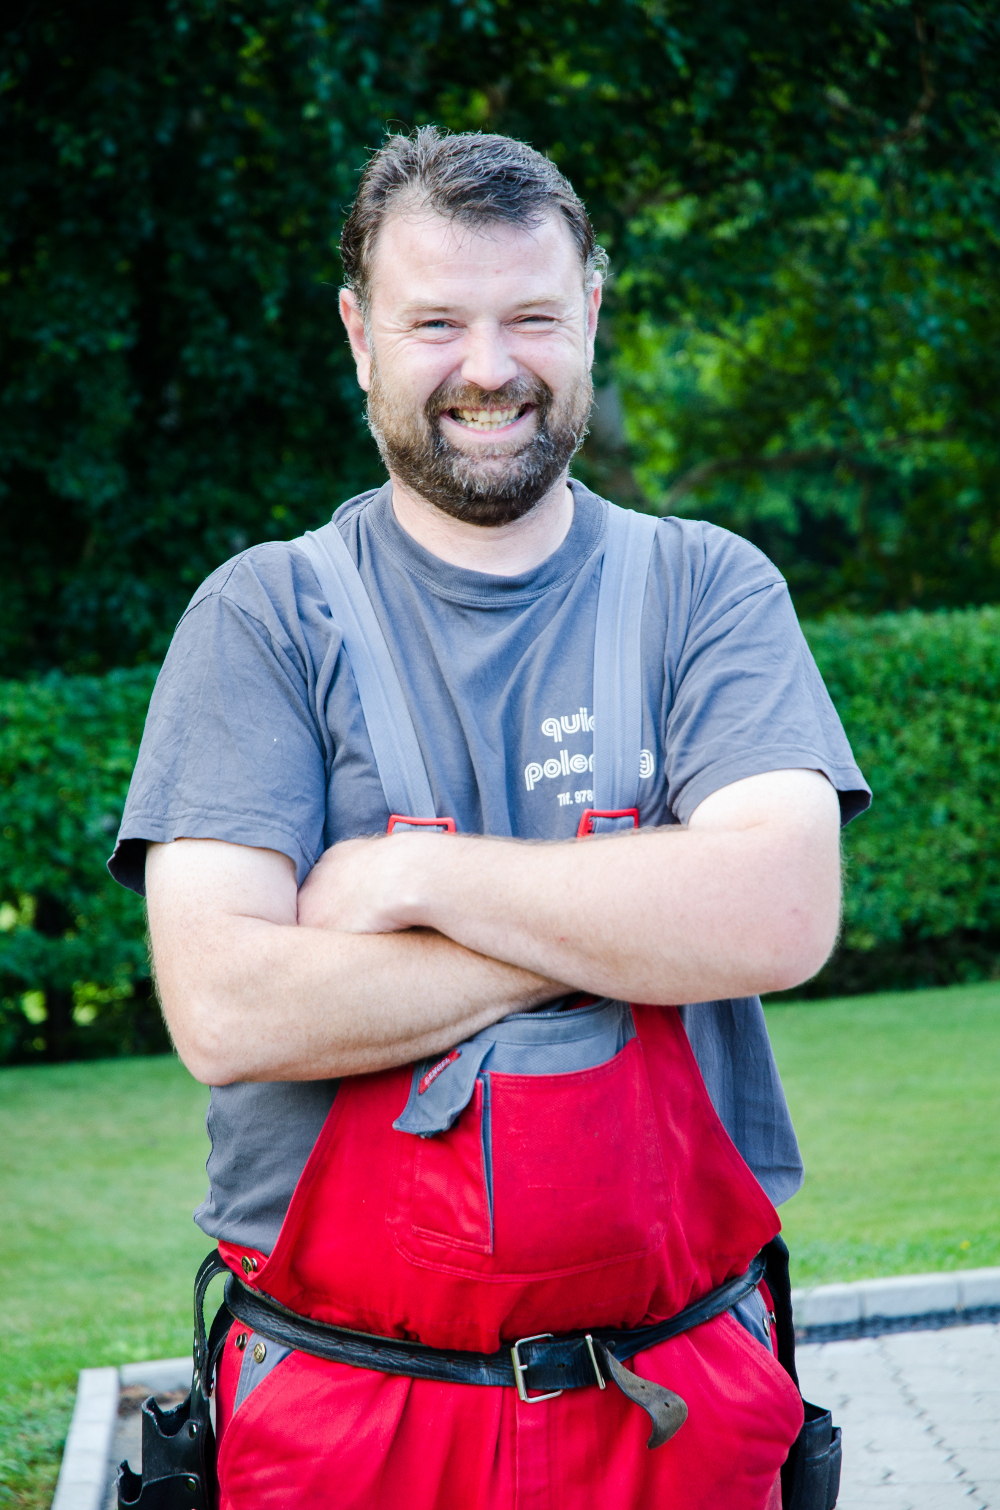 Rene-Pedersen-ansat-siden-december-2006